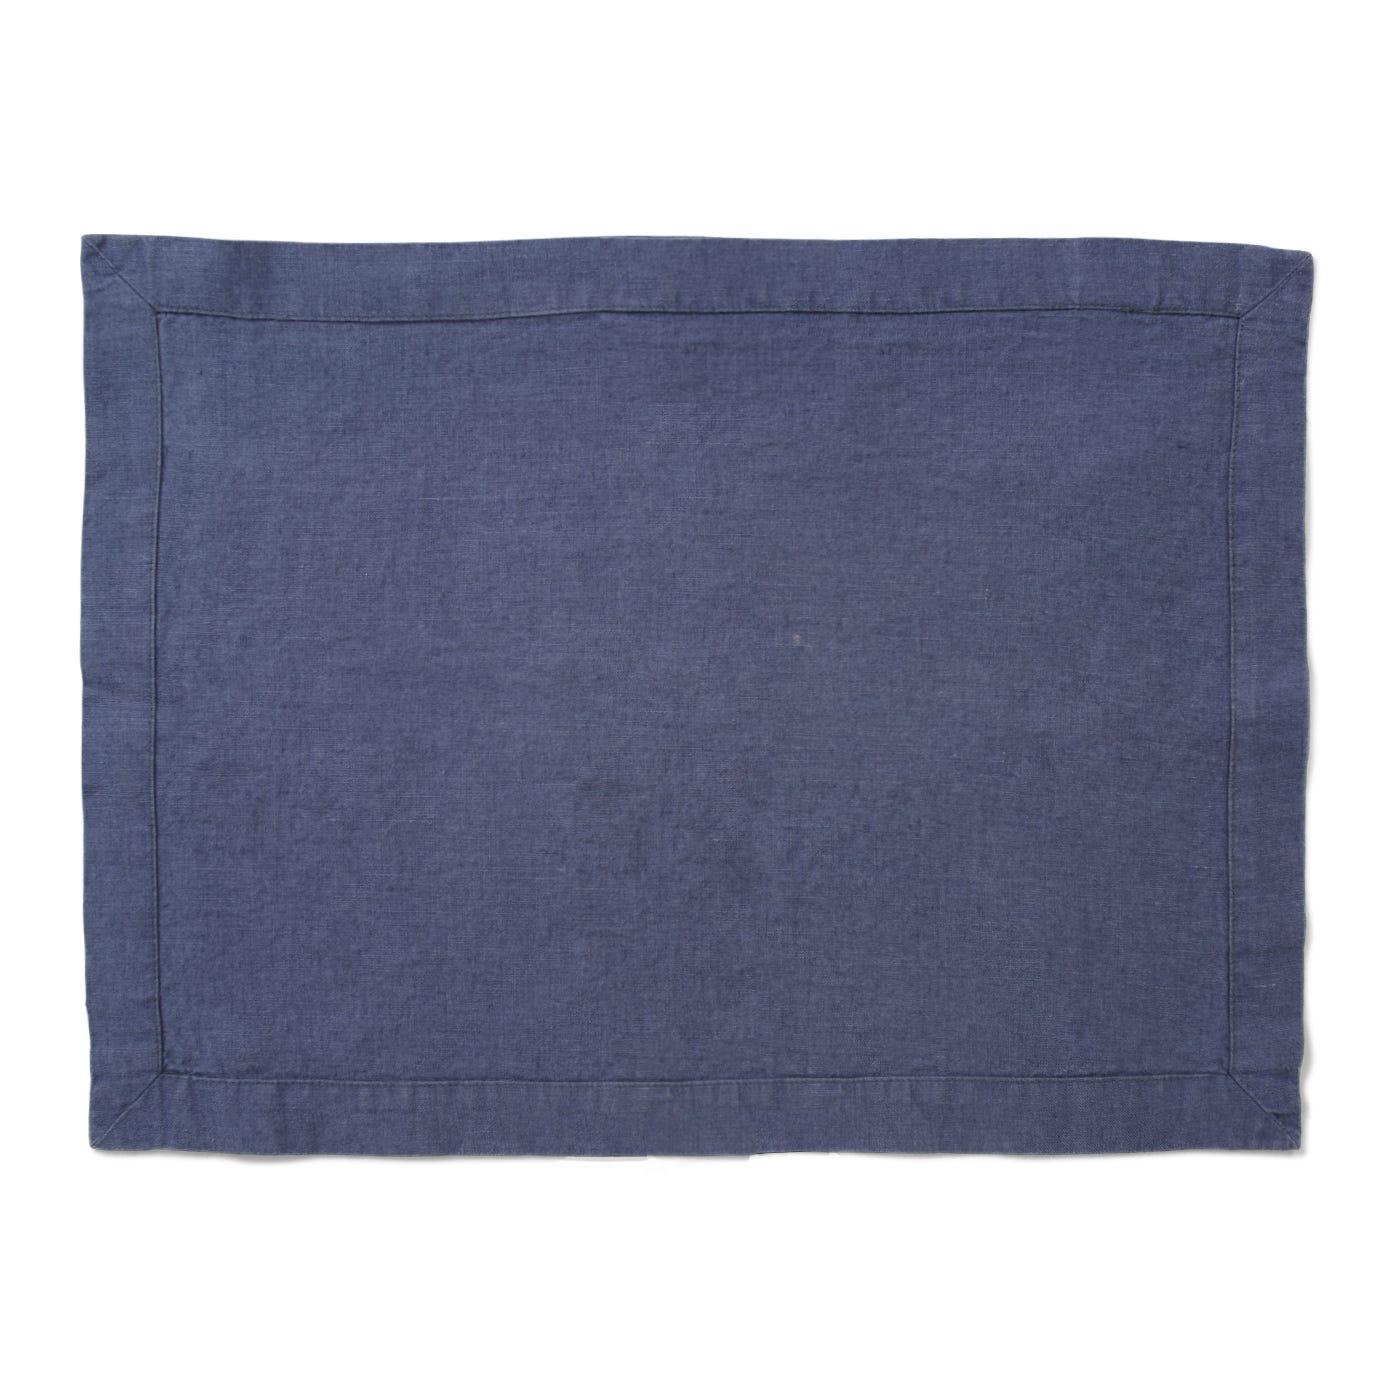 Heal's Linen Placemat Denim Blue